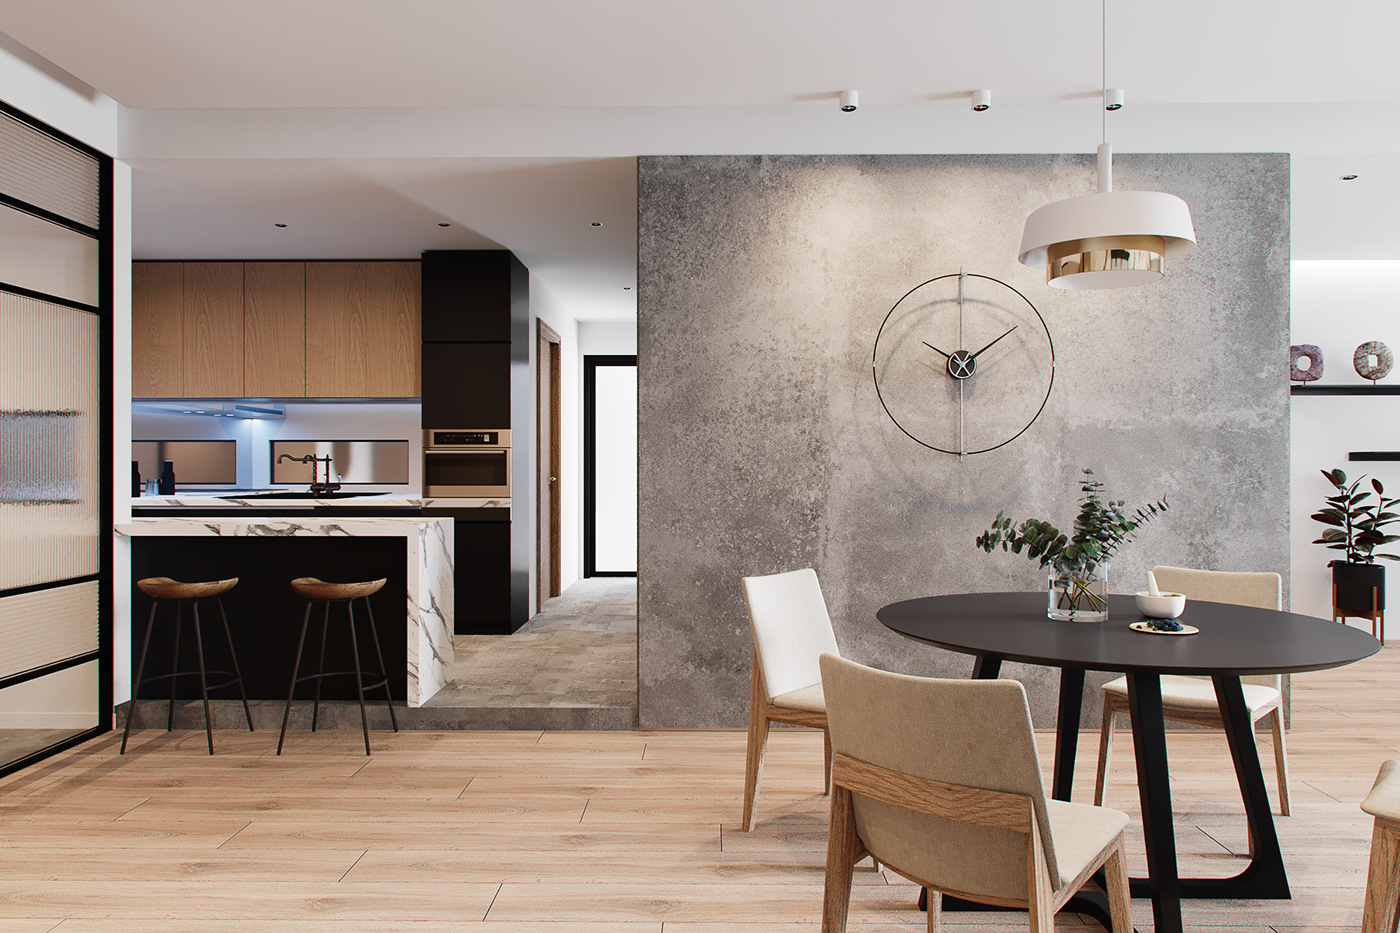 Thiết kế nội thất chung cư đẹp là mơ ước của biết bao người về một cuộc sống đúng nghĩa